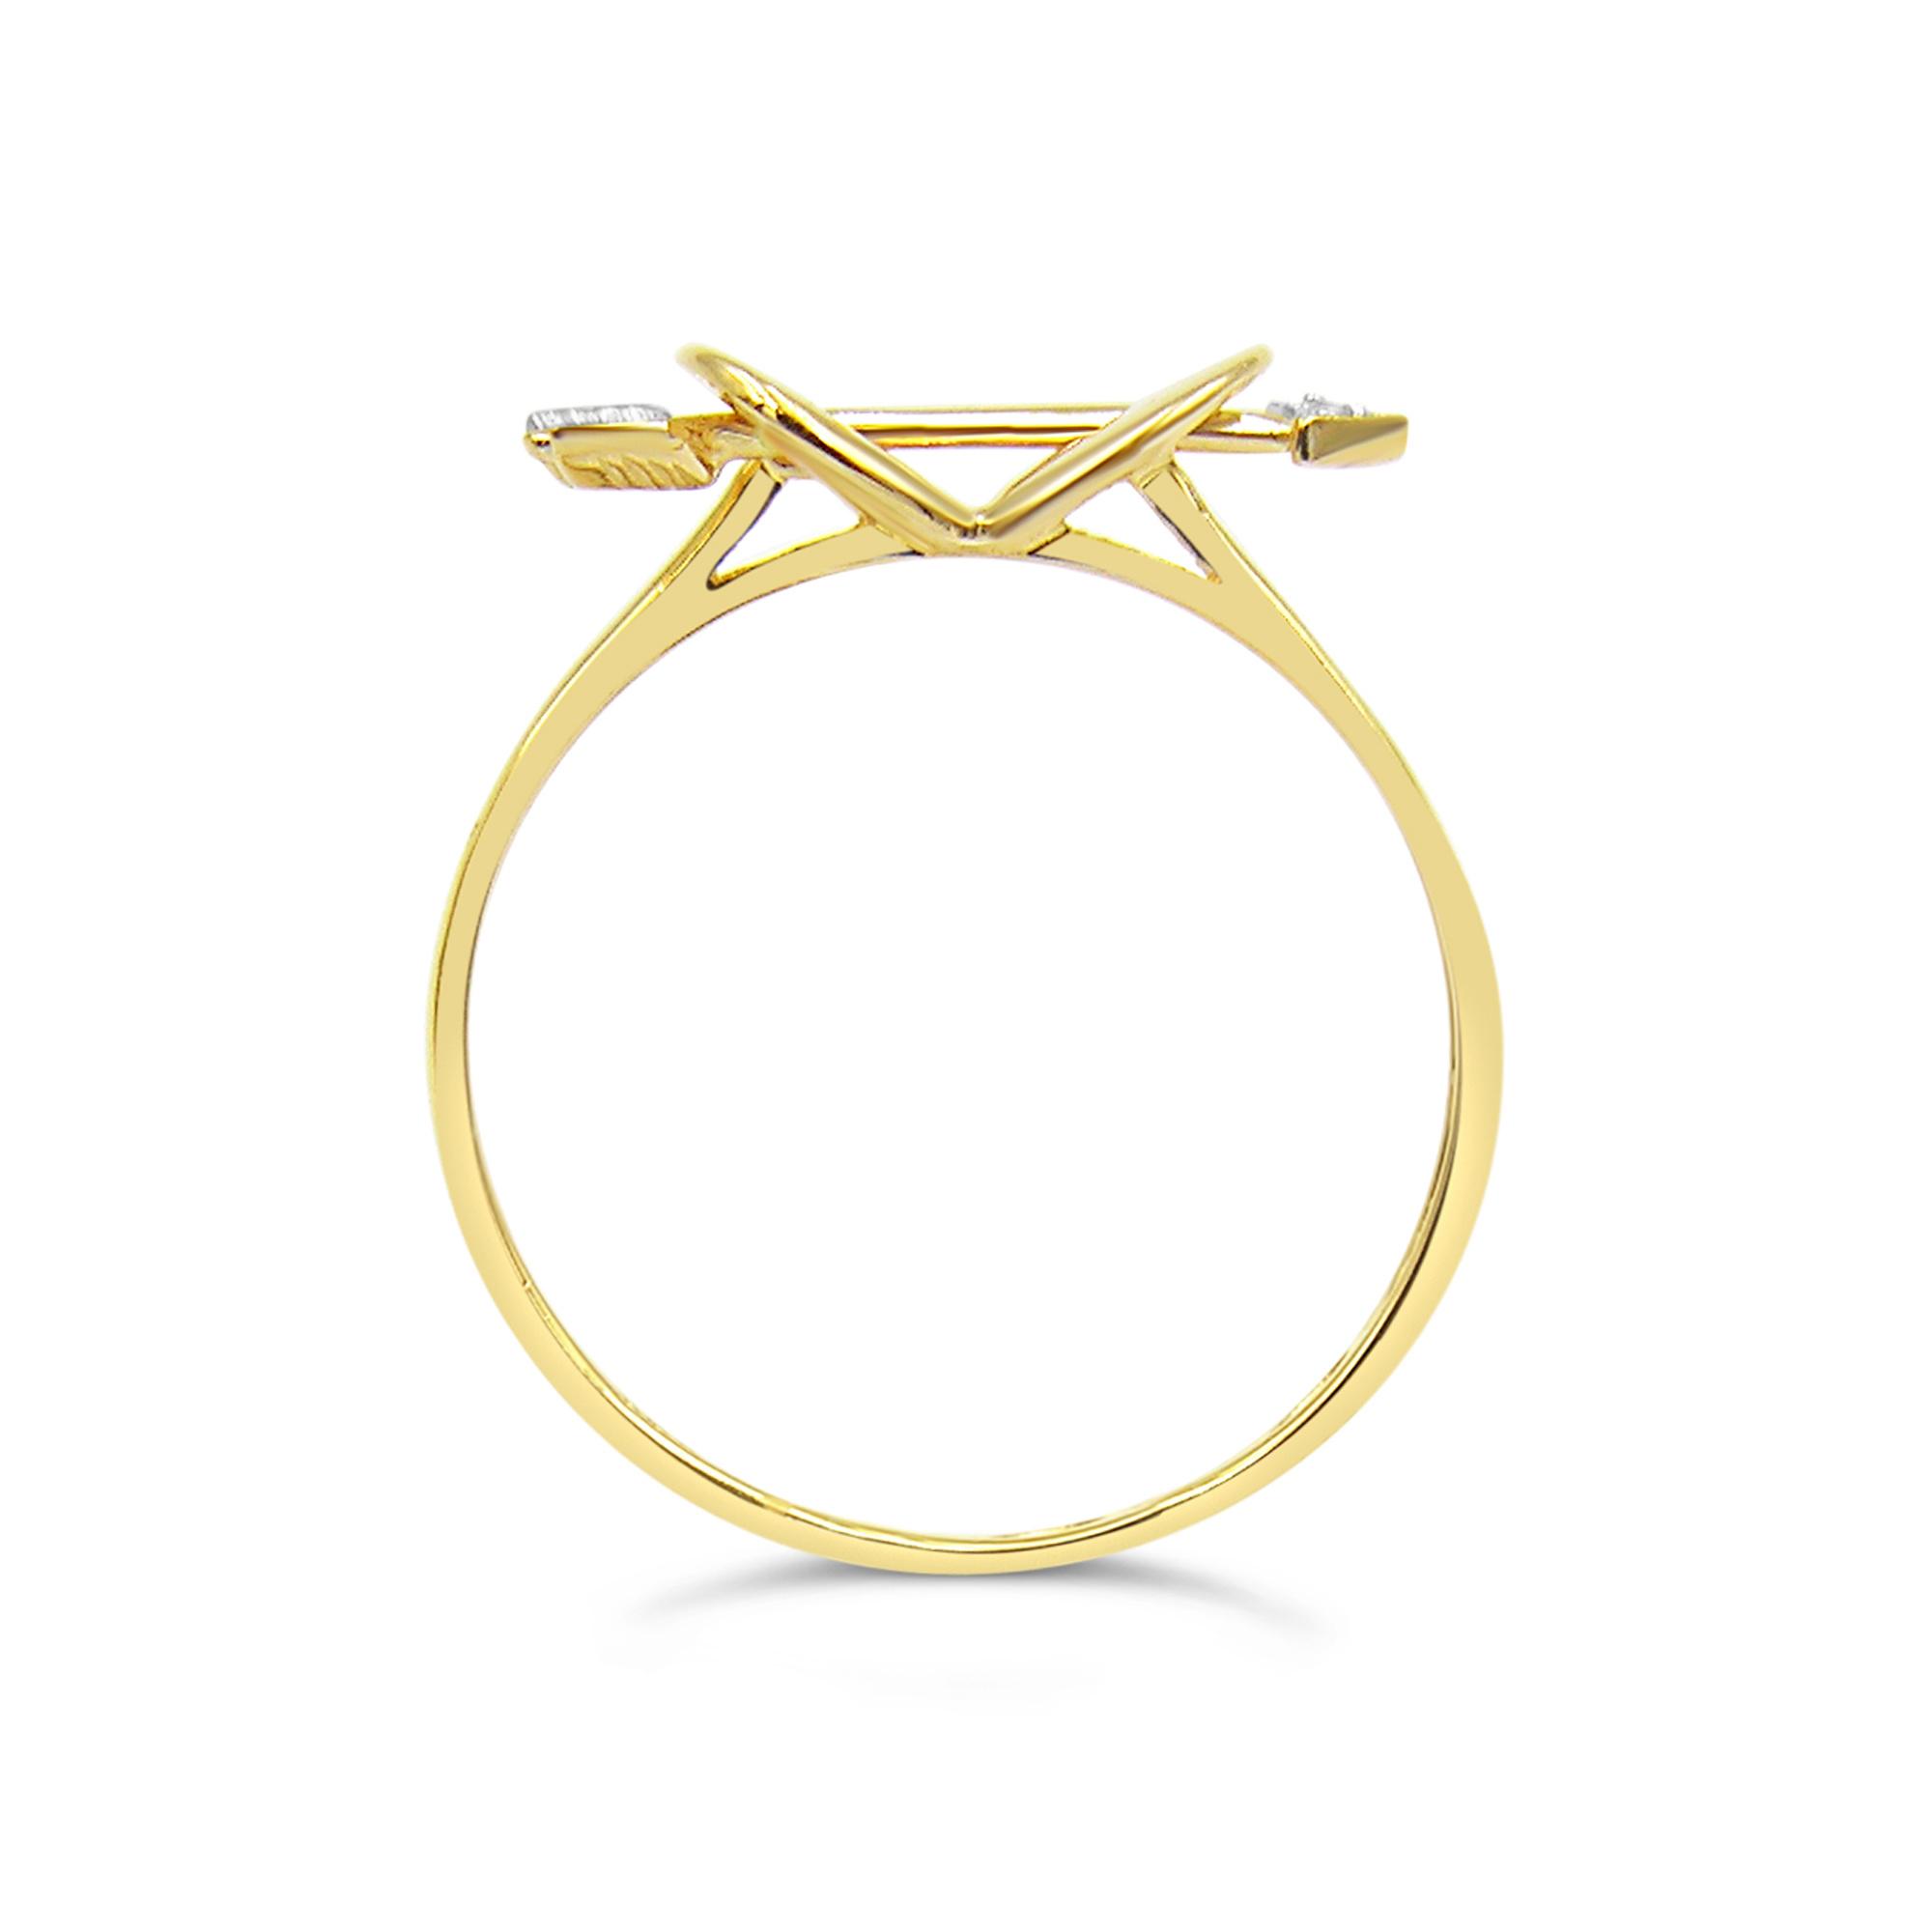 18 karaat geel goud hart ring met 0.01 ct diamant